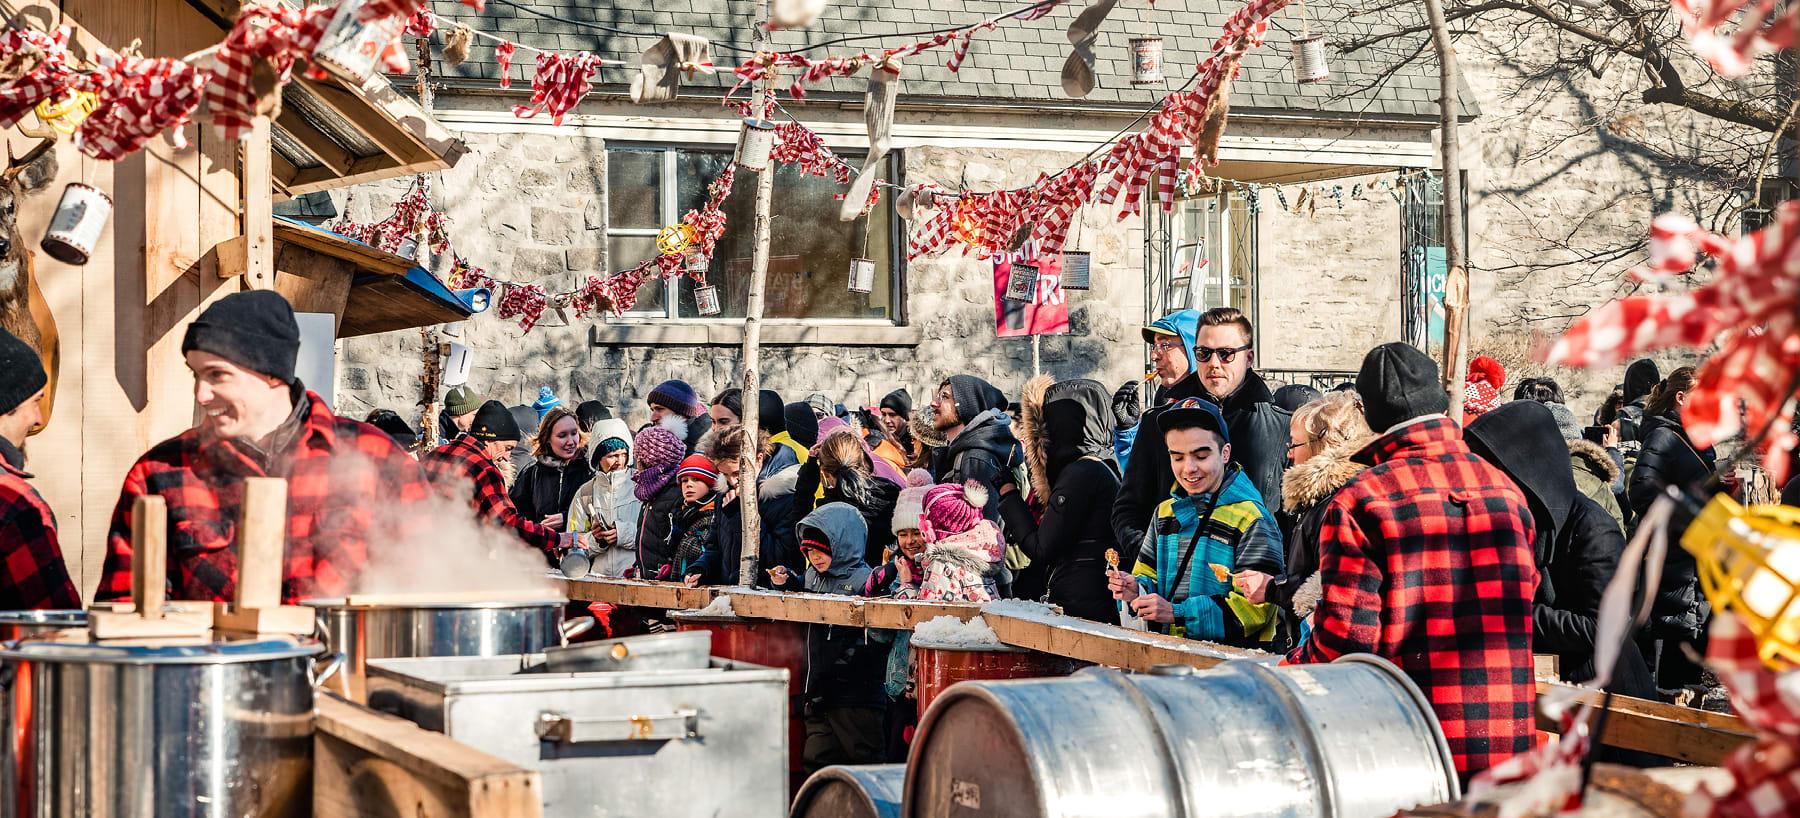 Un groupe à la cabane à sucre dans une rue à Montréal